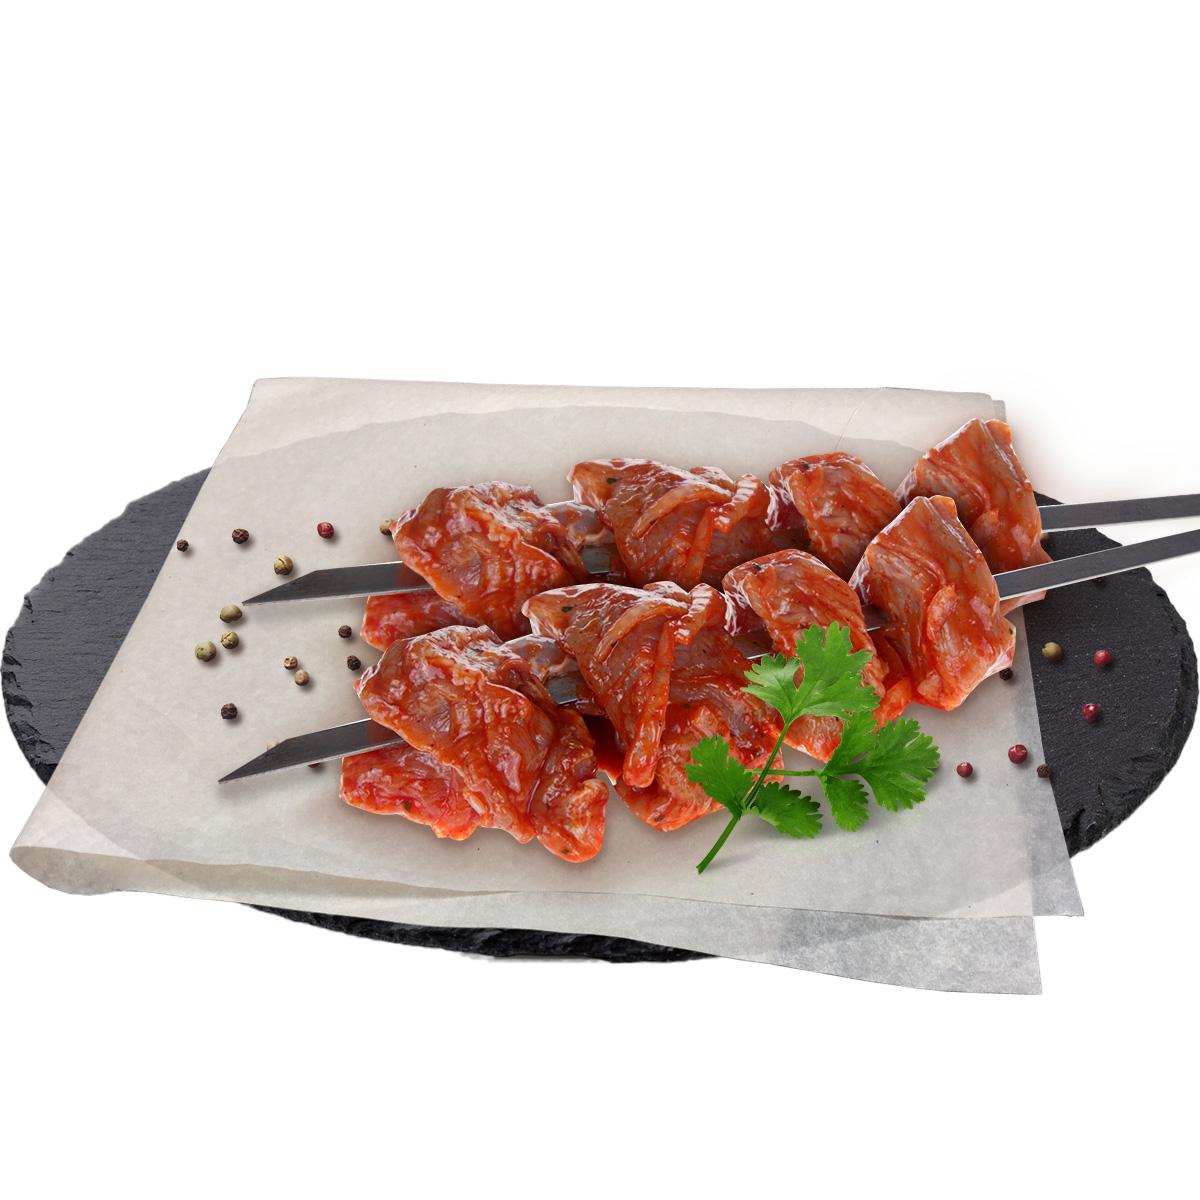 Полуфабрикат для шашлыка из свинины По-мексикански охладженный